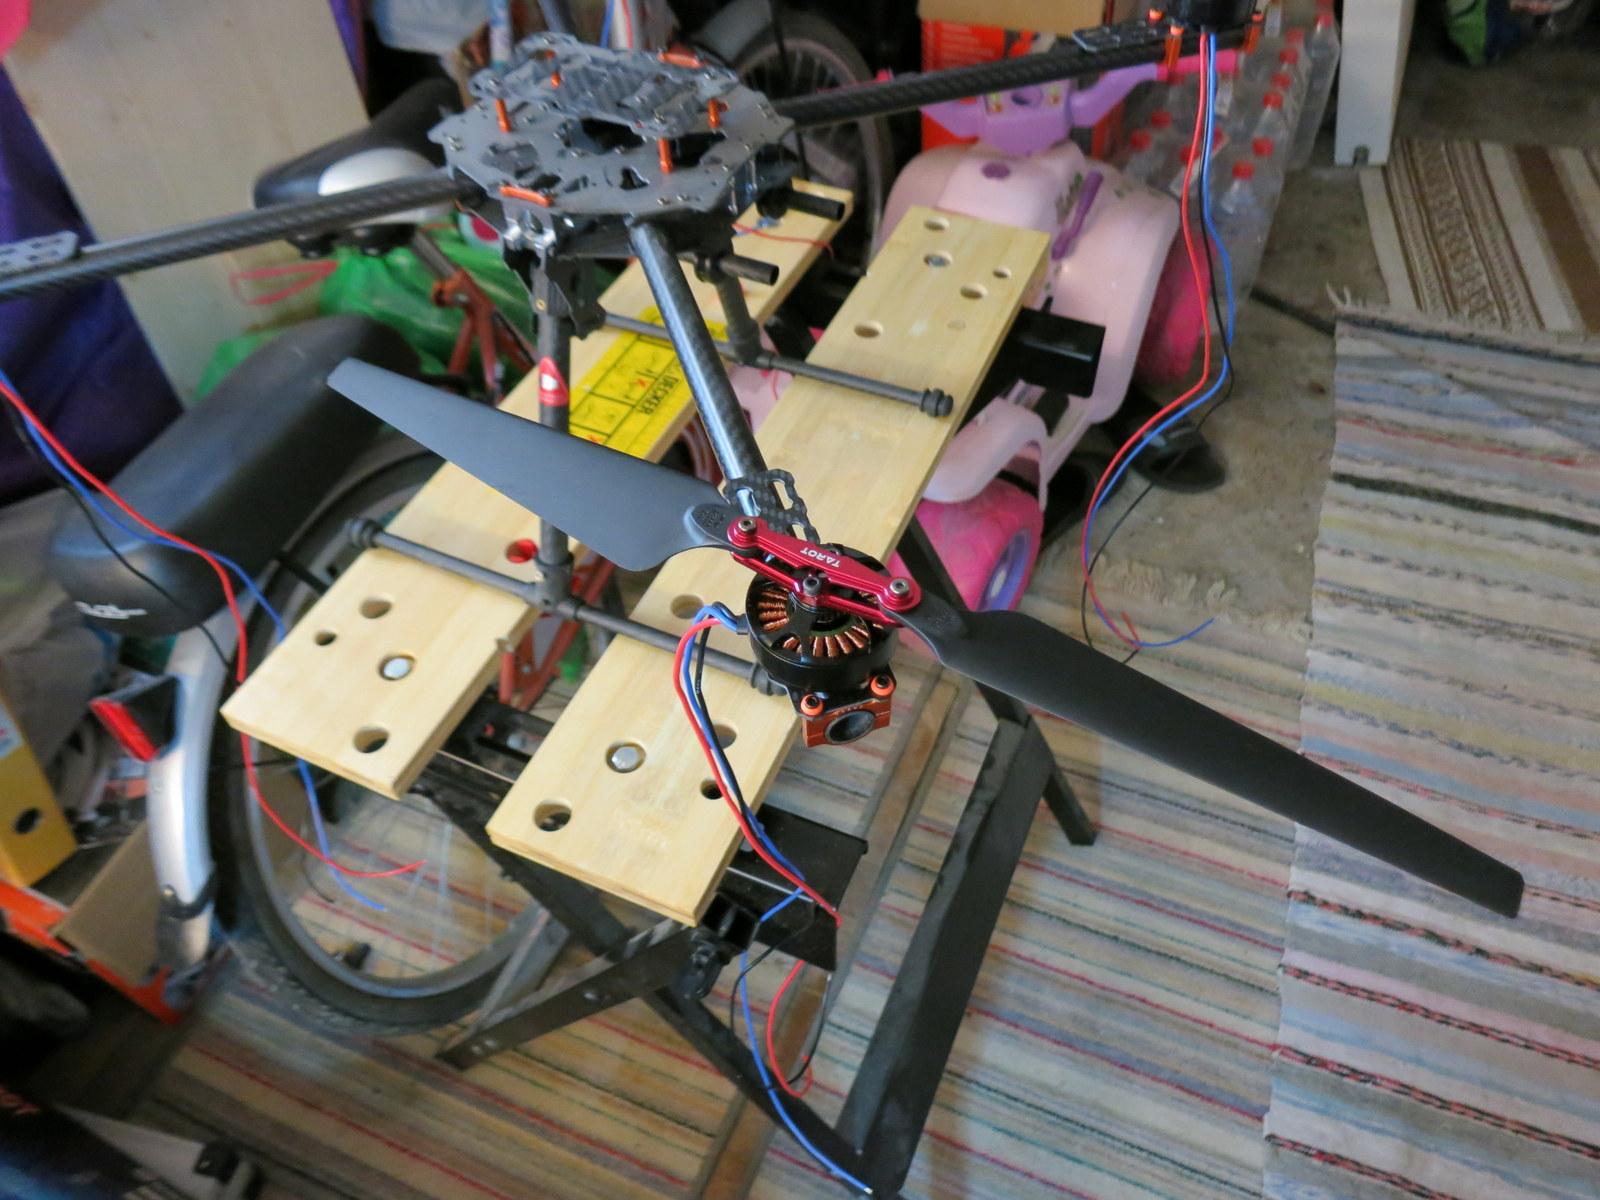 Tarot 1555 props - 4108 sunnysky motors - Tarot 650 frame ⋆ V@SS@M